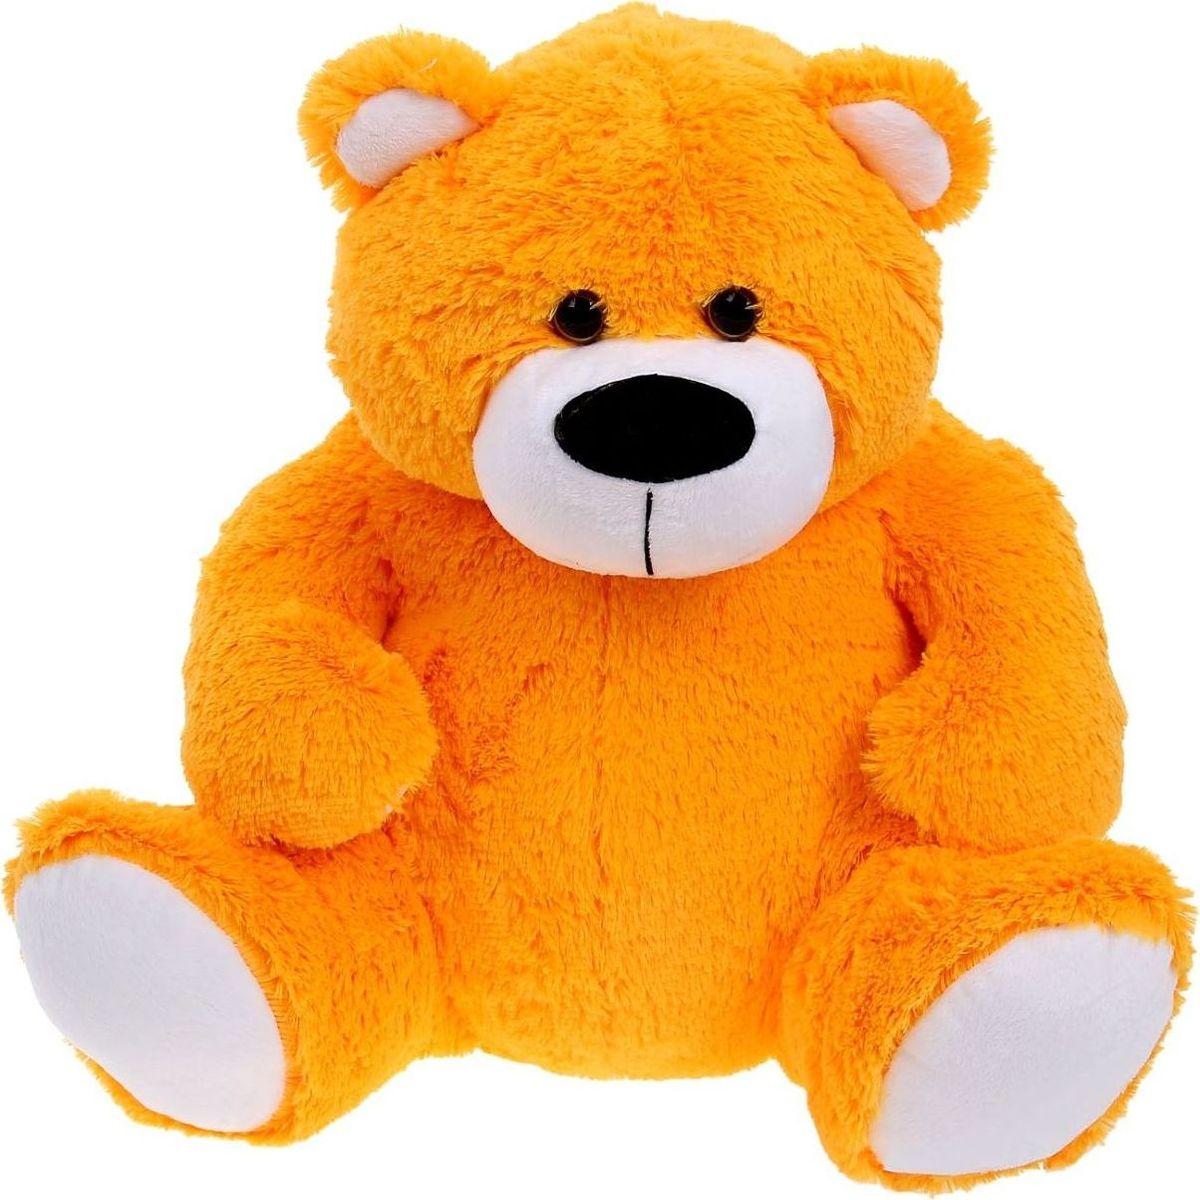 Sima-land Мягкая игрушка Мишка Фома цвет оранжевый 55 см sima land мягкая игрушка сердце 309576